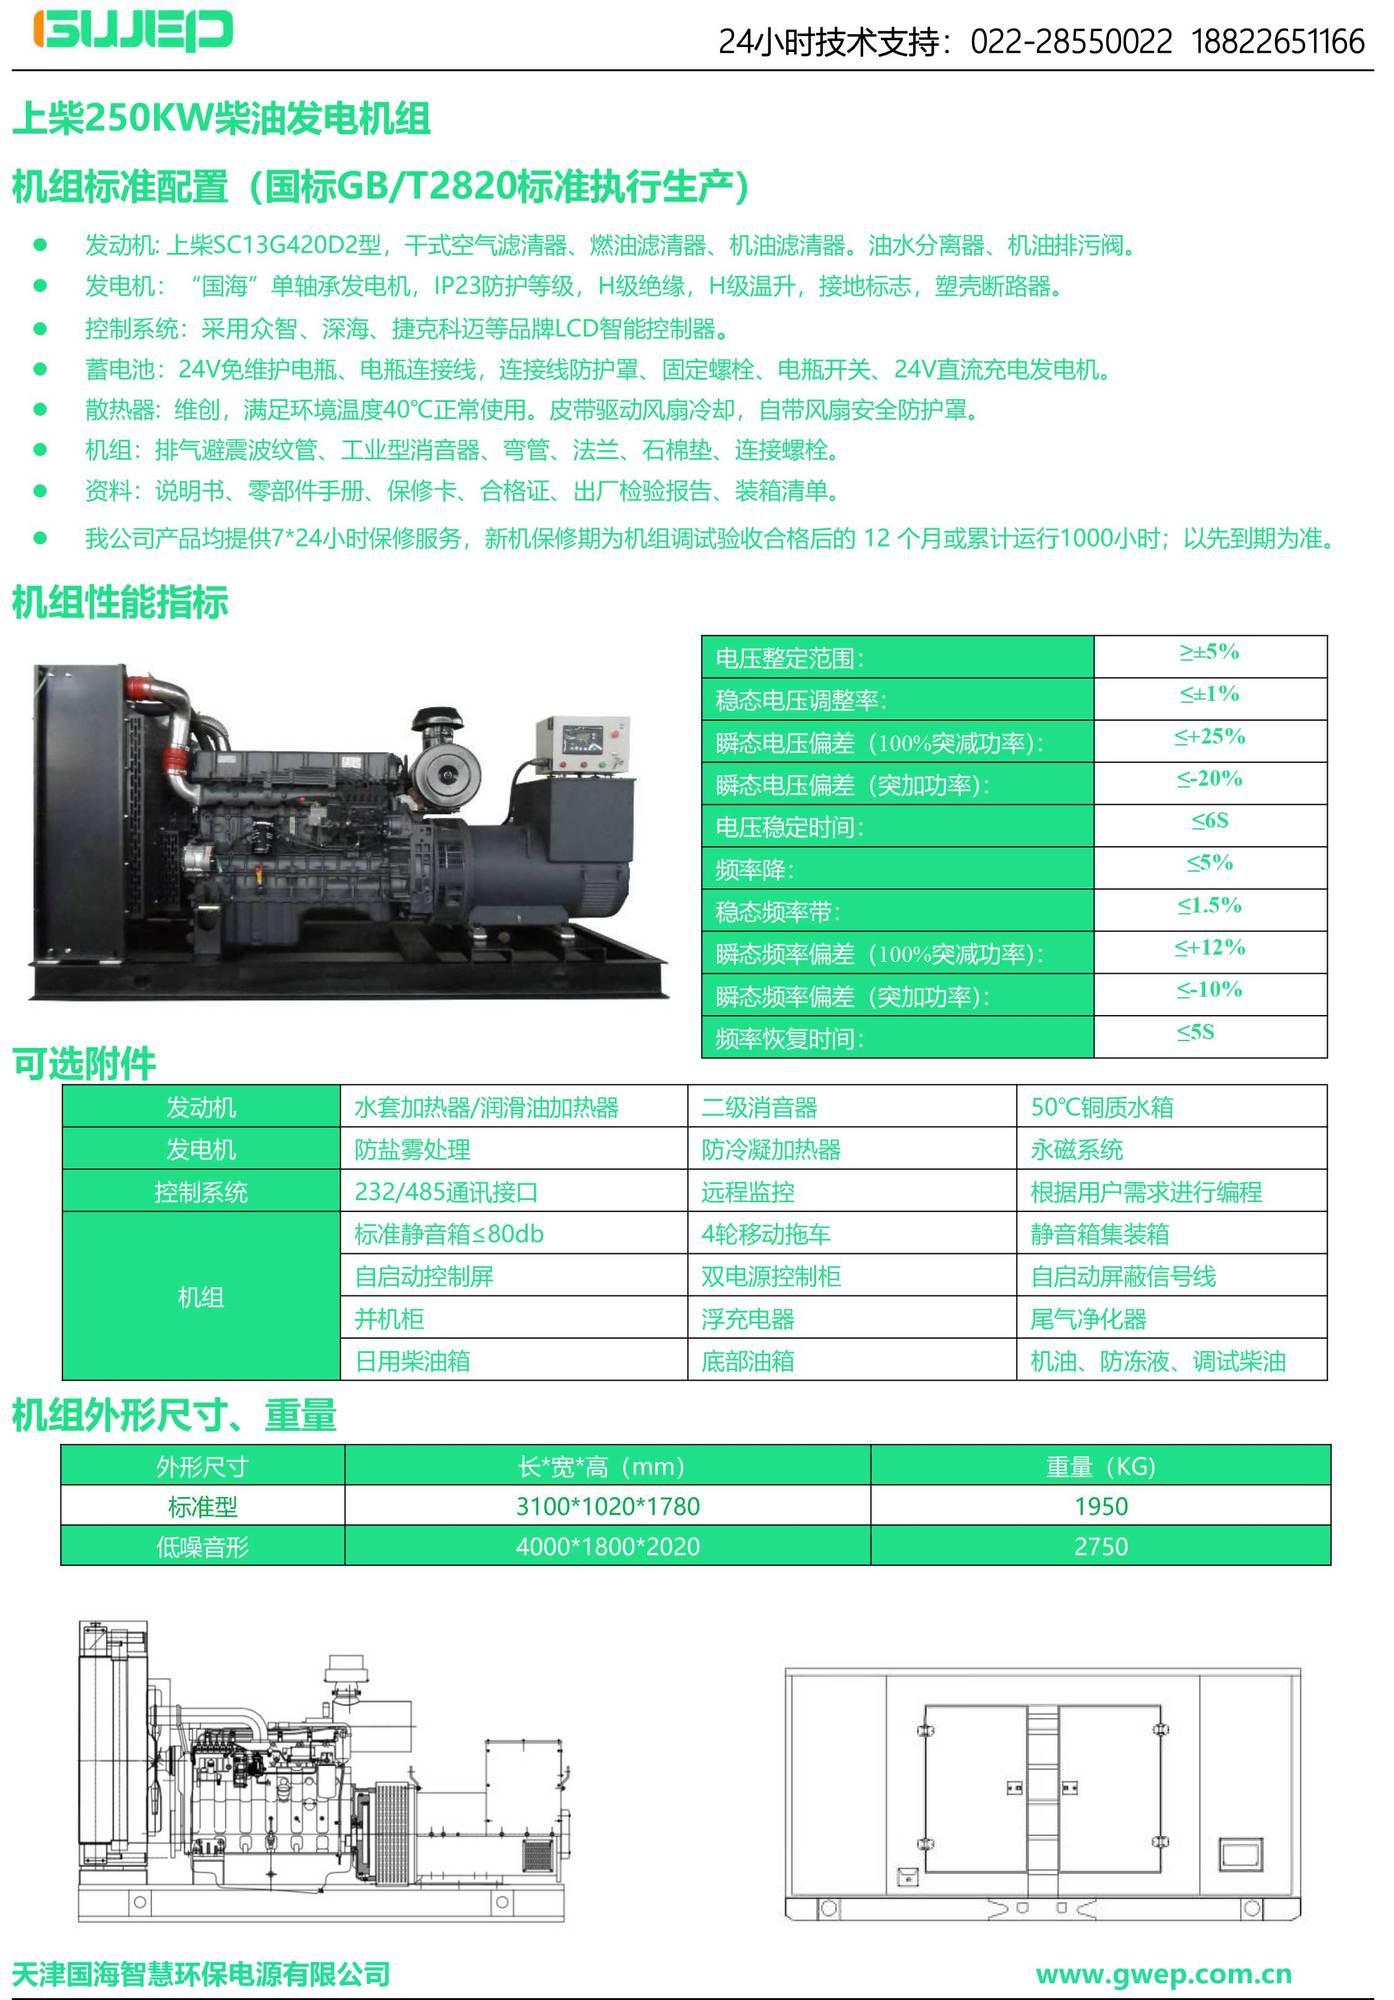 上柴250KW发电机组技术资料-1.jpg